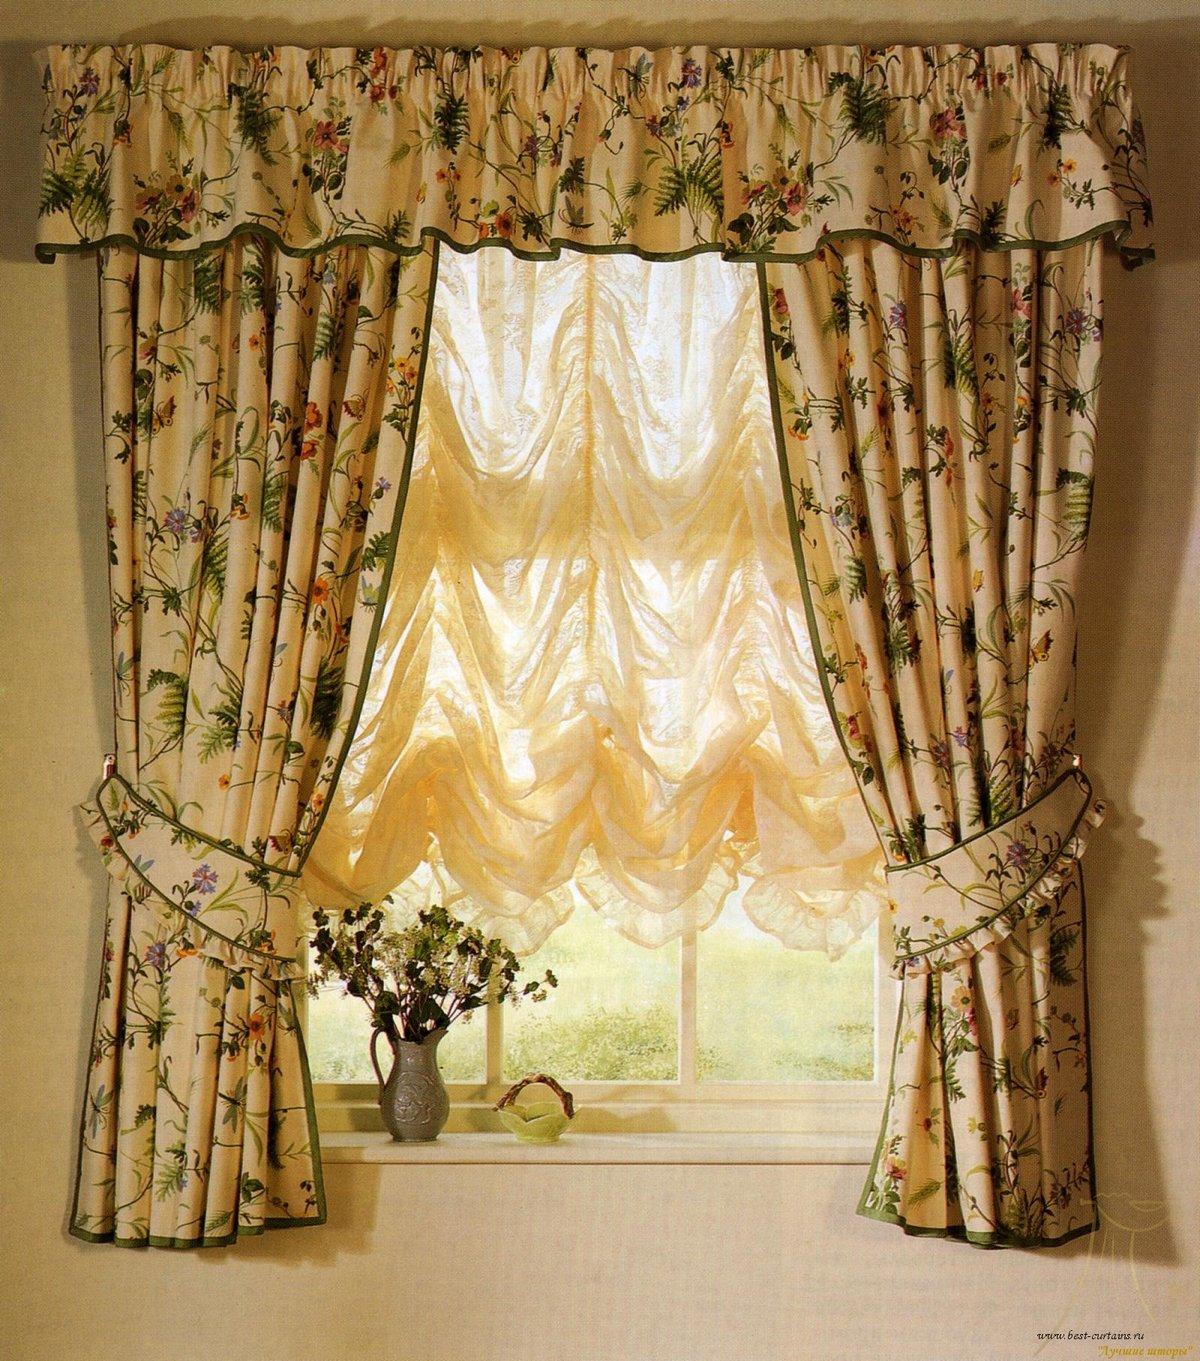 Сшить шторы из двух тканей разных цветов своими руками 5